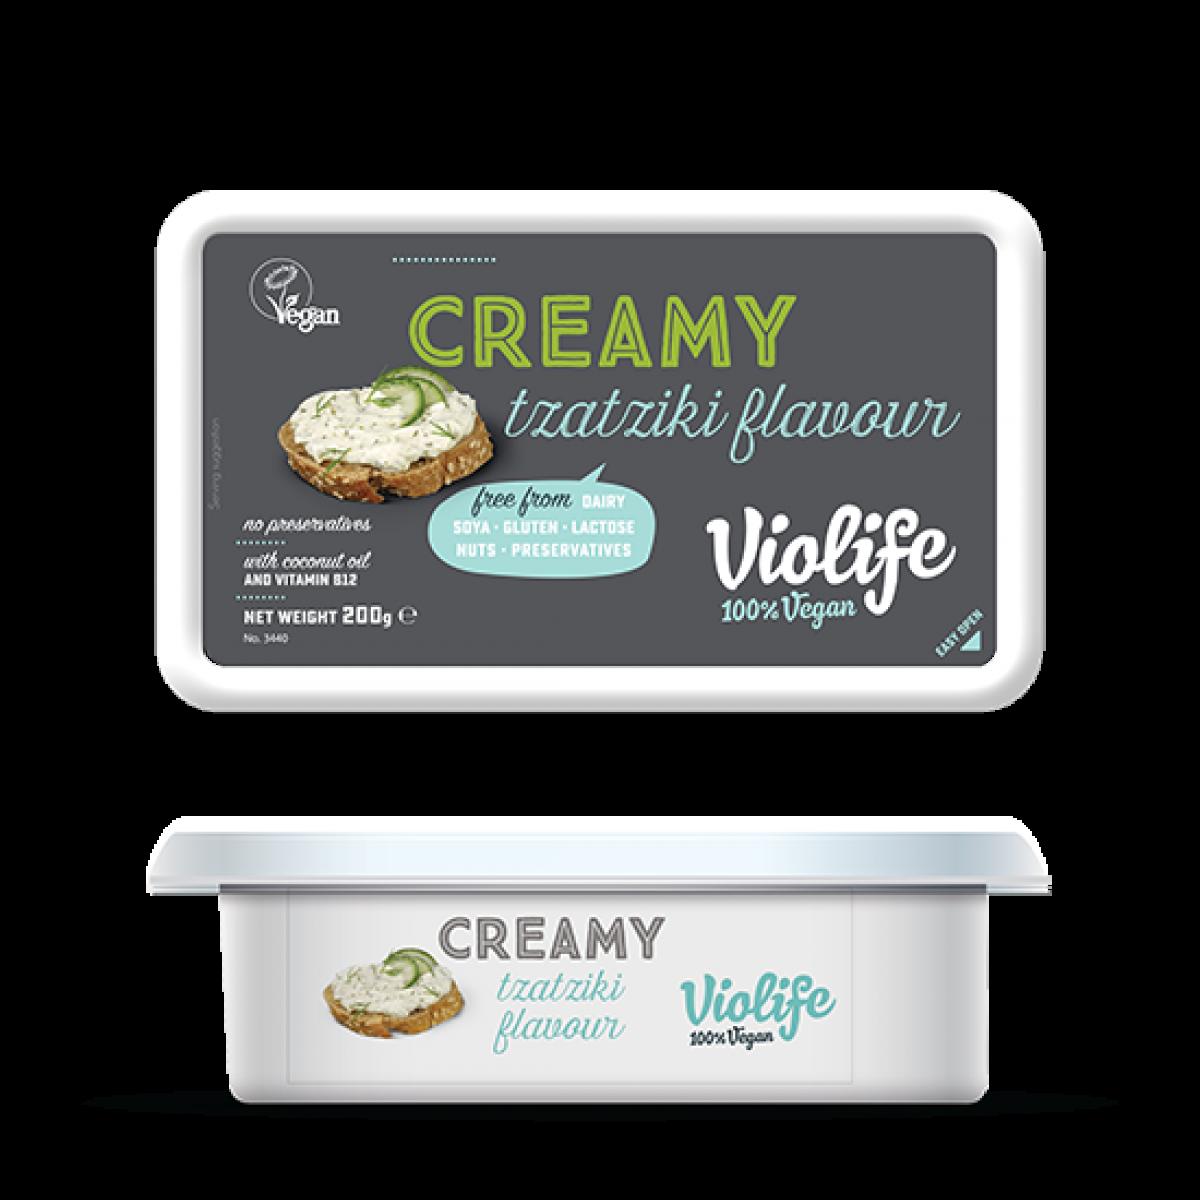 Creamy Tzatziki